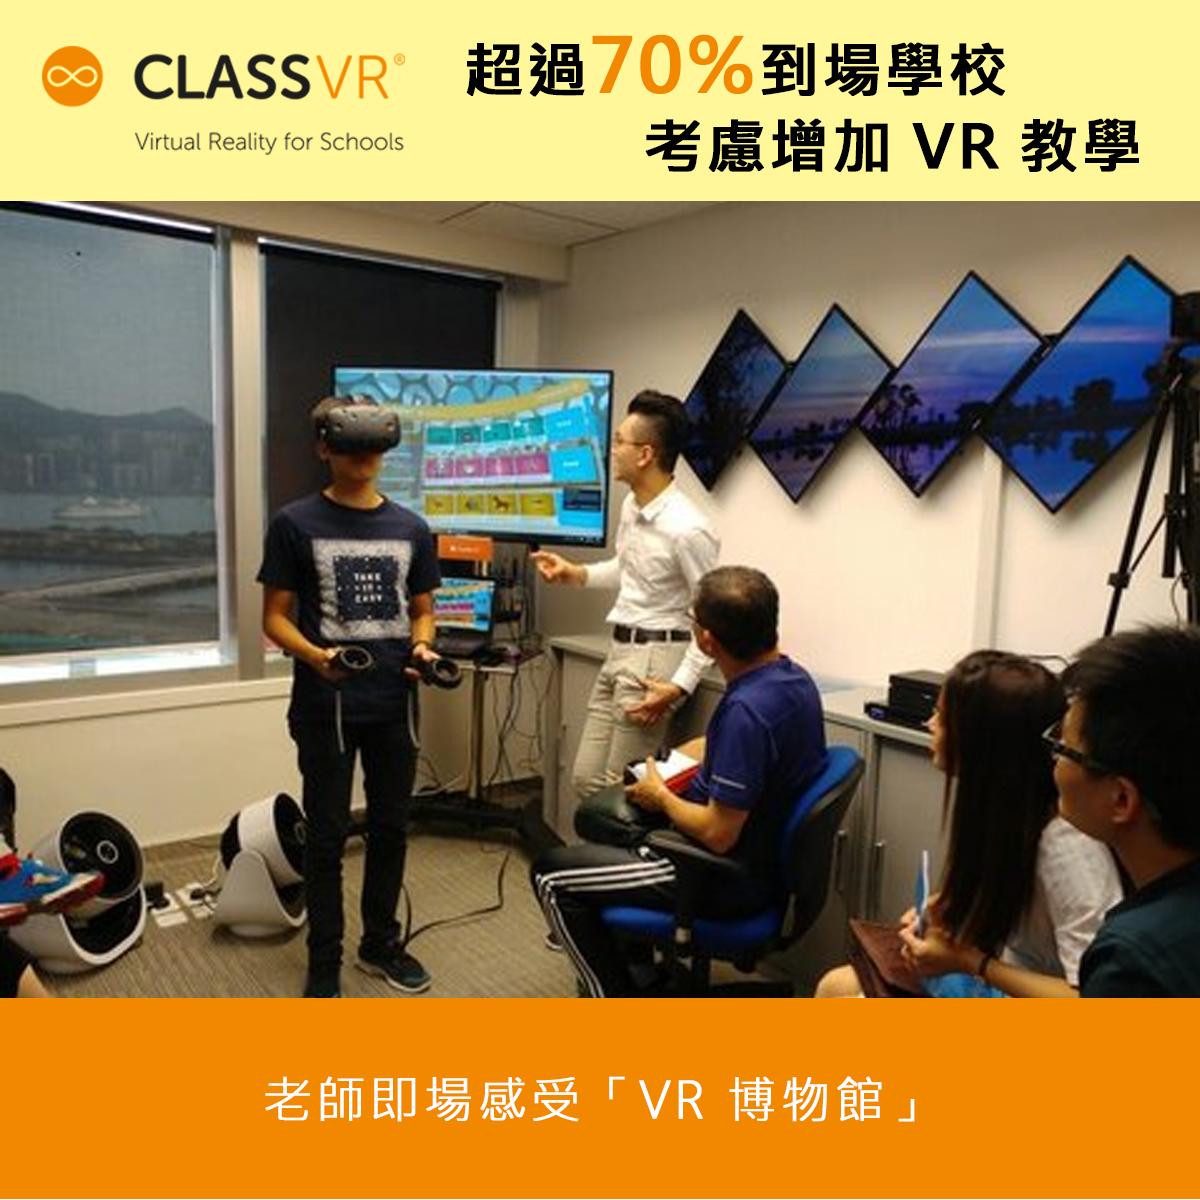 老師即場體驗「VR博物館」